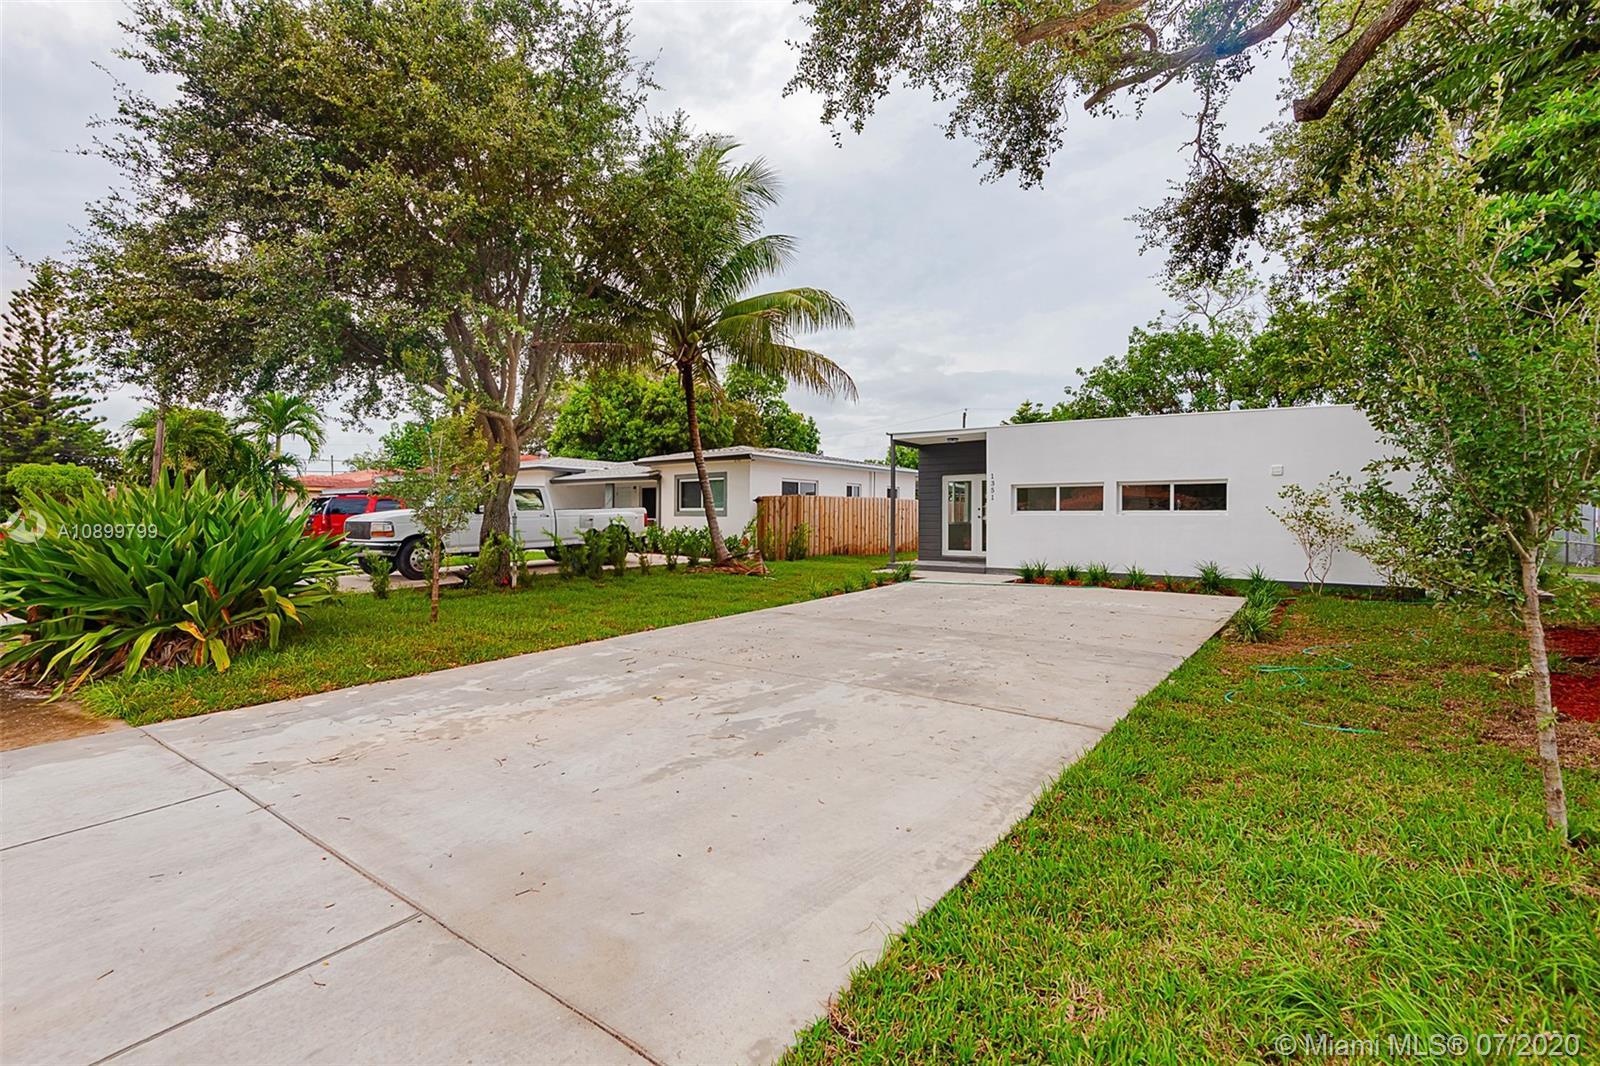 North Miami Beach - 1351 NE 158th St, North Miami Beach, FL 33162